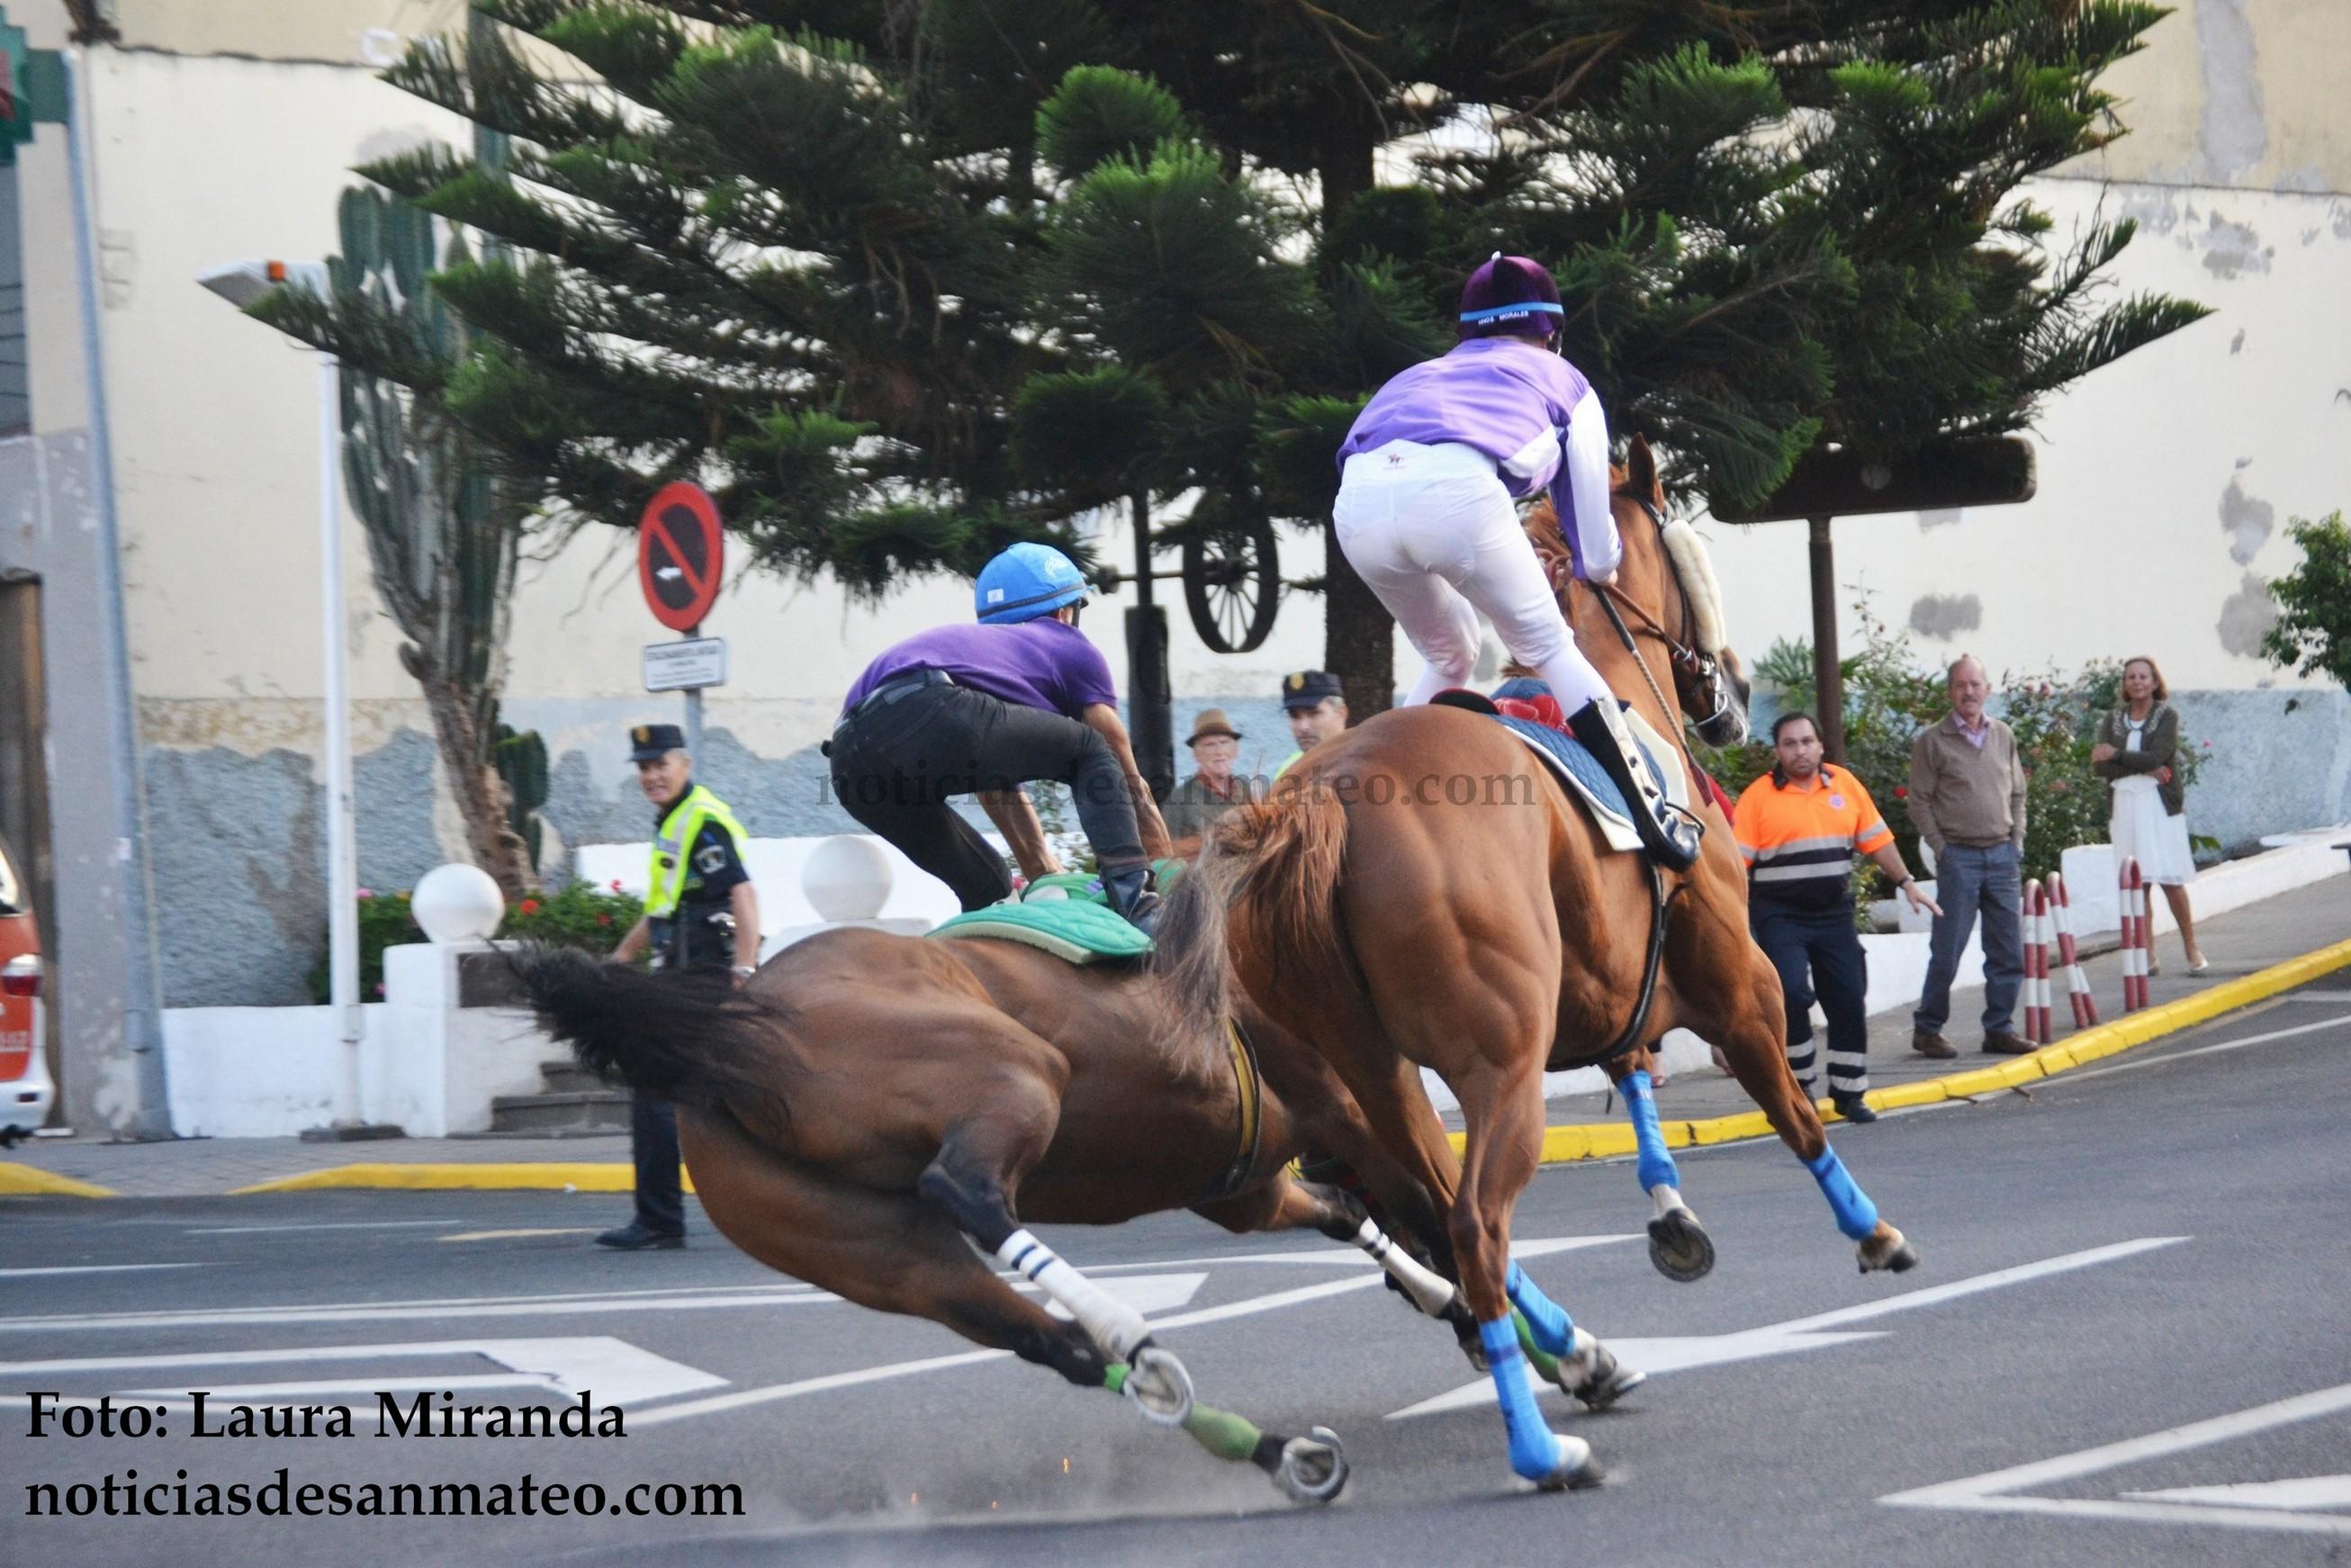 Accidente Carrera Caballos San Mateo caida caballo 21 DE SEPTIEMBRE DE 2016 Foto Laura Miranda Noticias de San Mateo 1